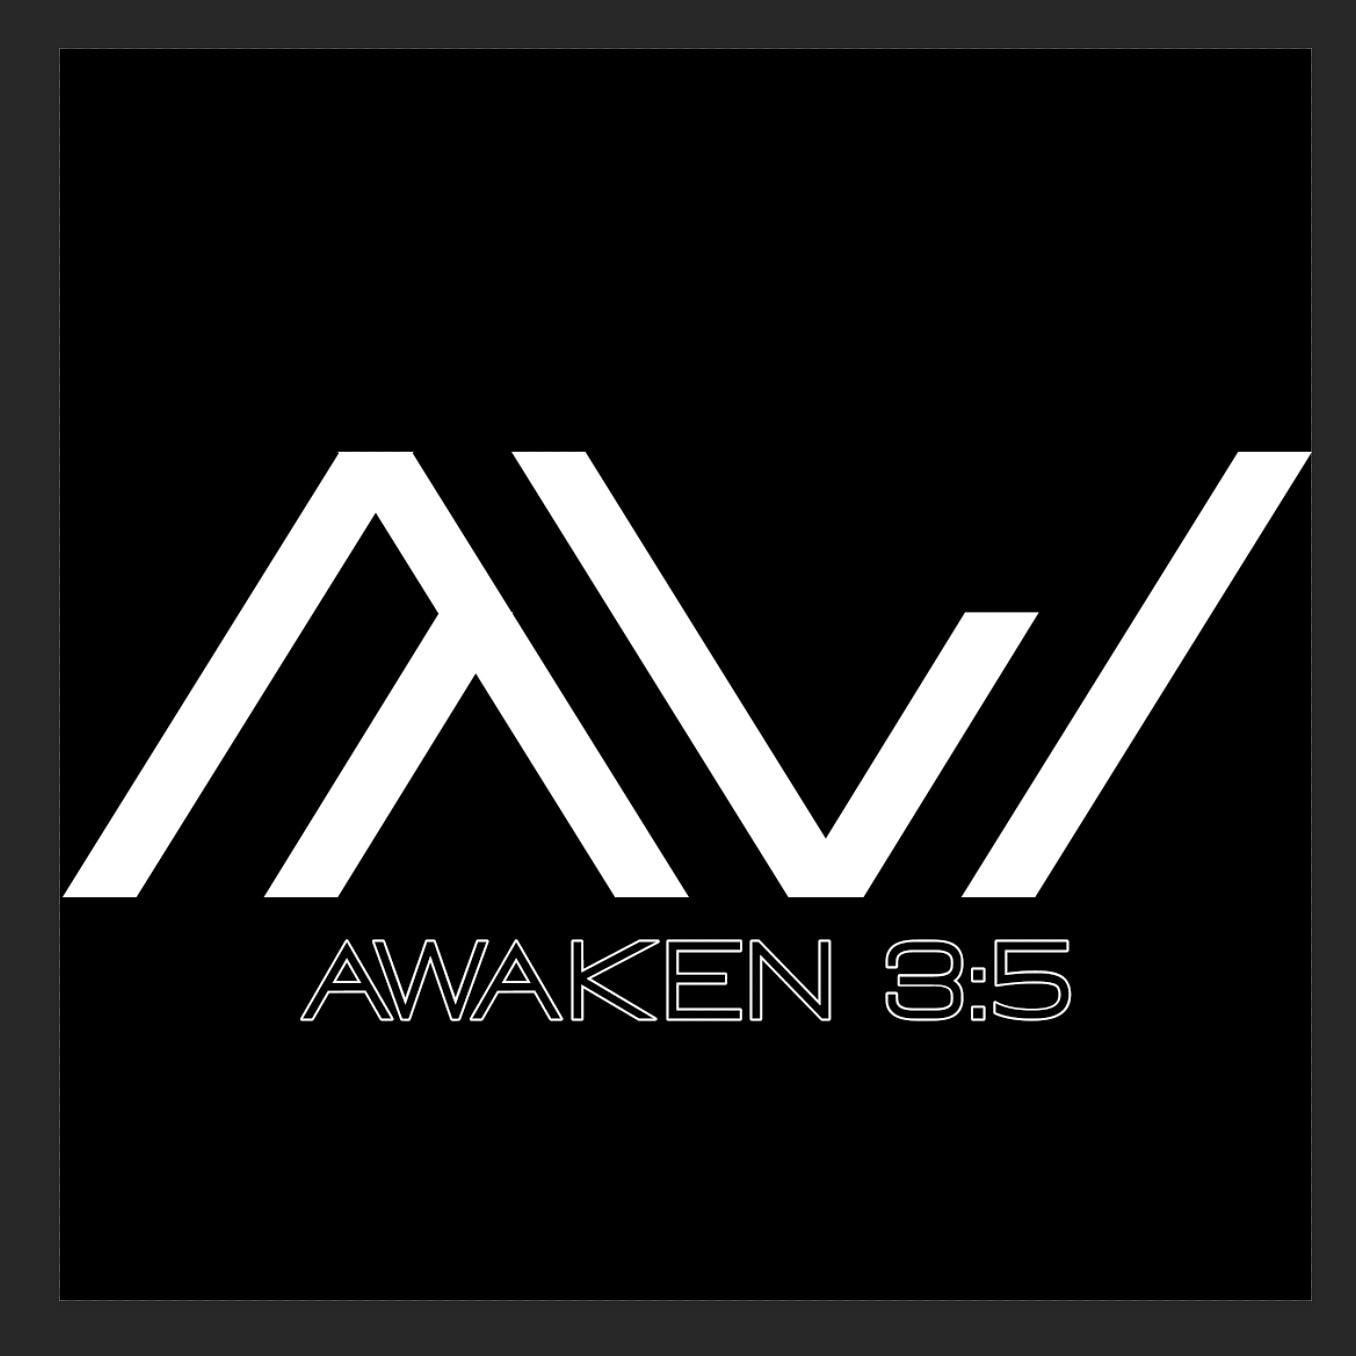 Awaken35